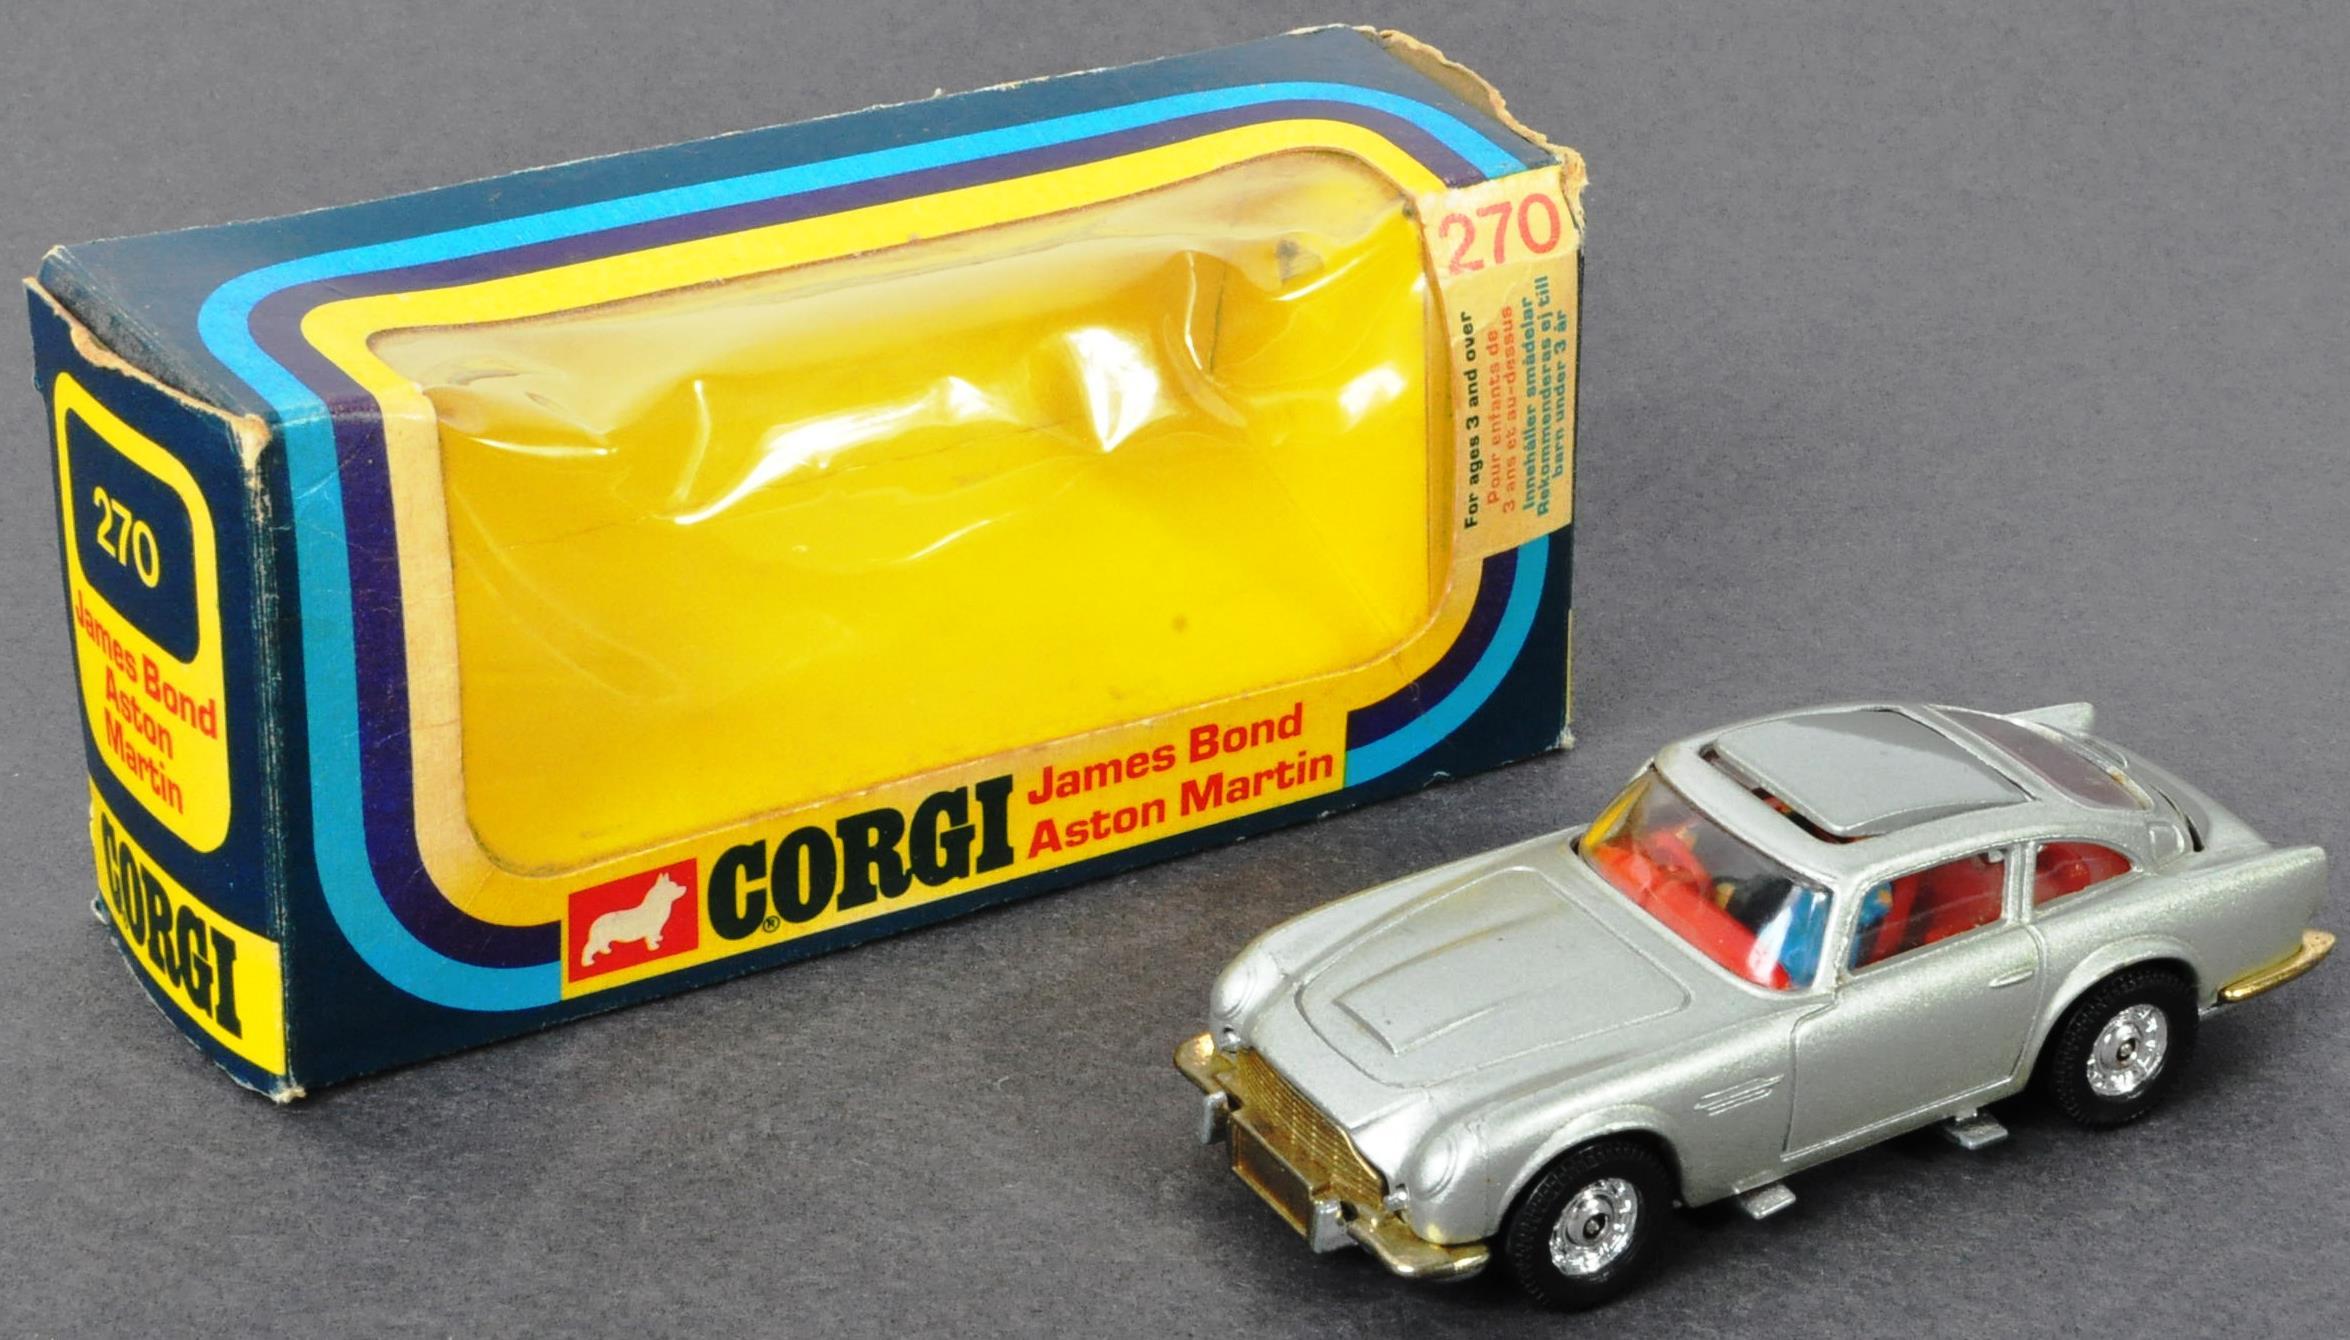 VINTAGE CORGI JAMES BOND ASTON MARTIN DB5 NO. 270